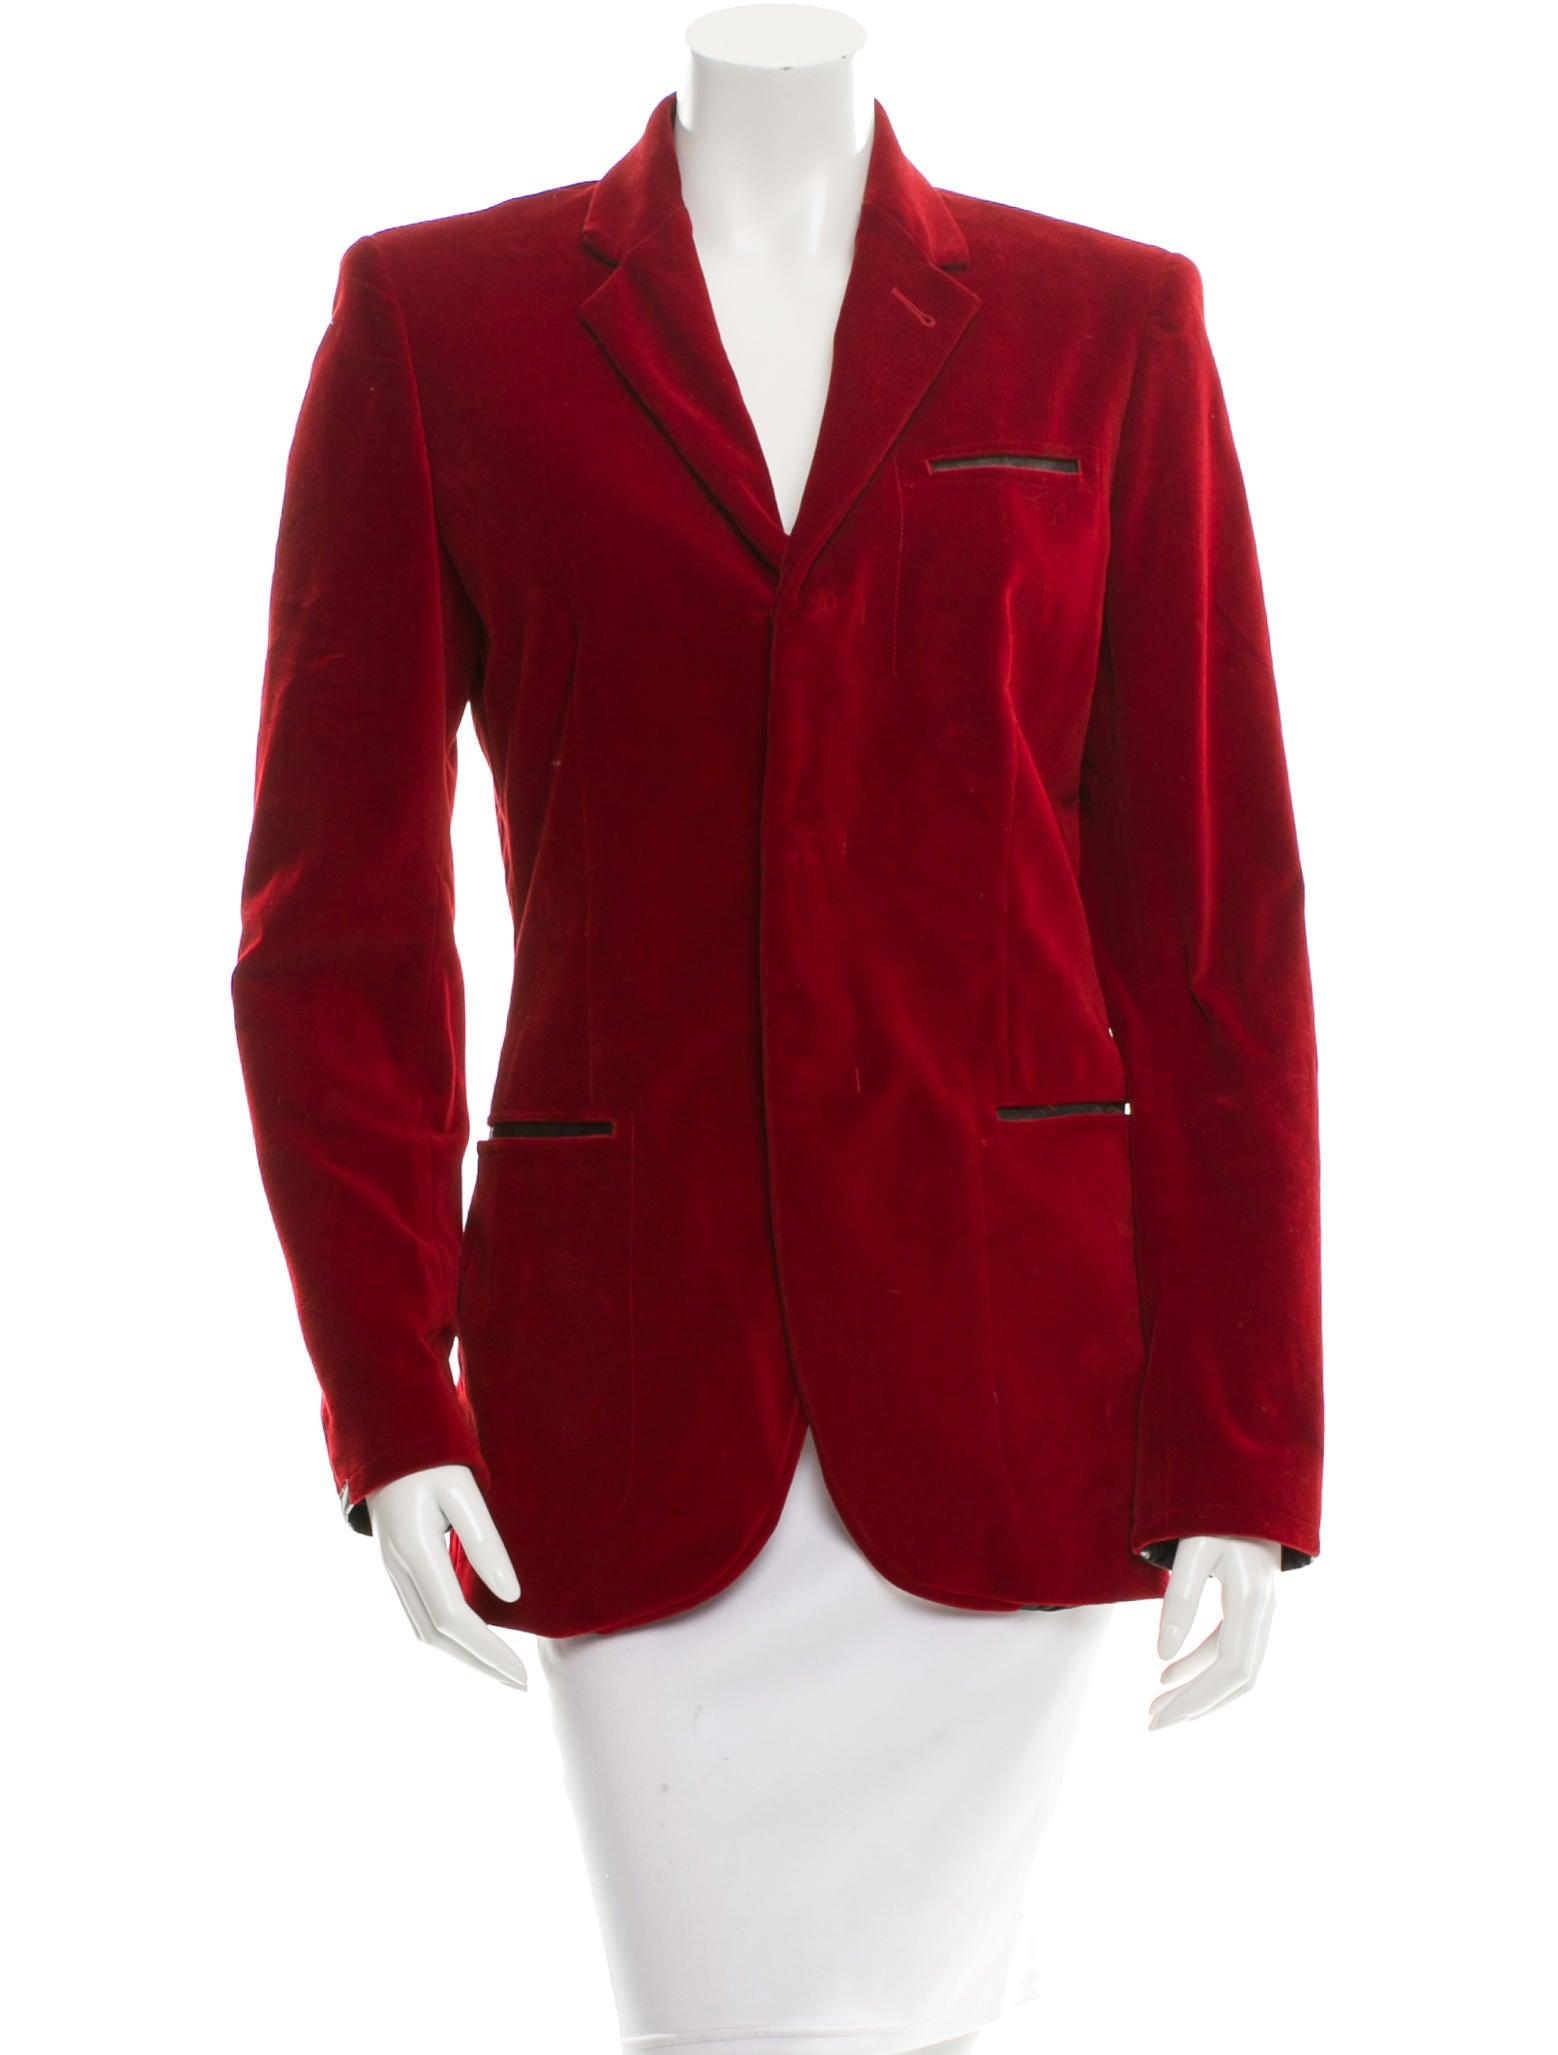 Jean paul gaultier velvet button up blazer clothing for Red velvet button up shirt